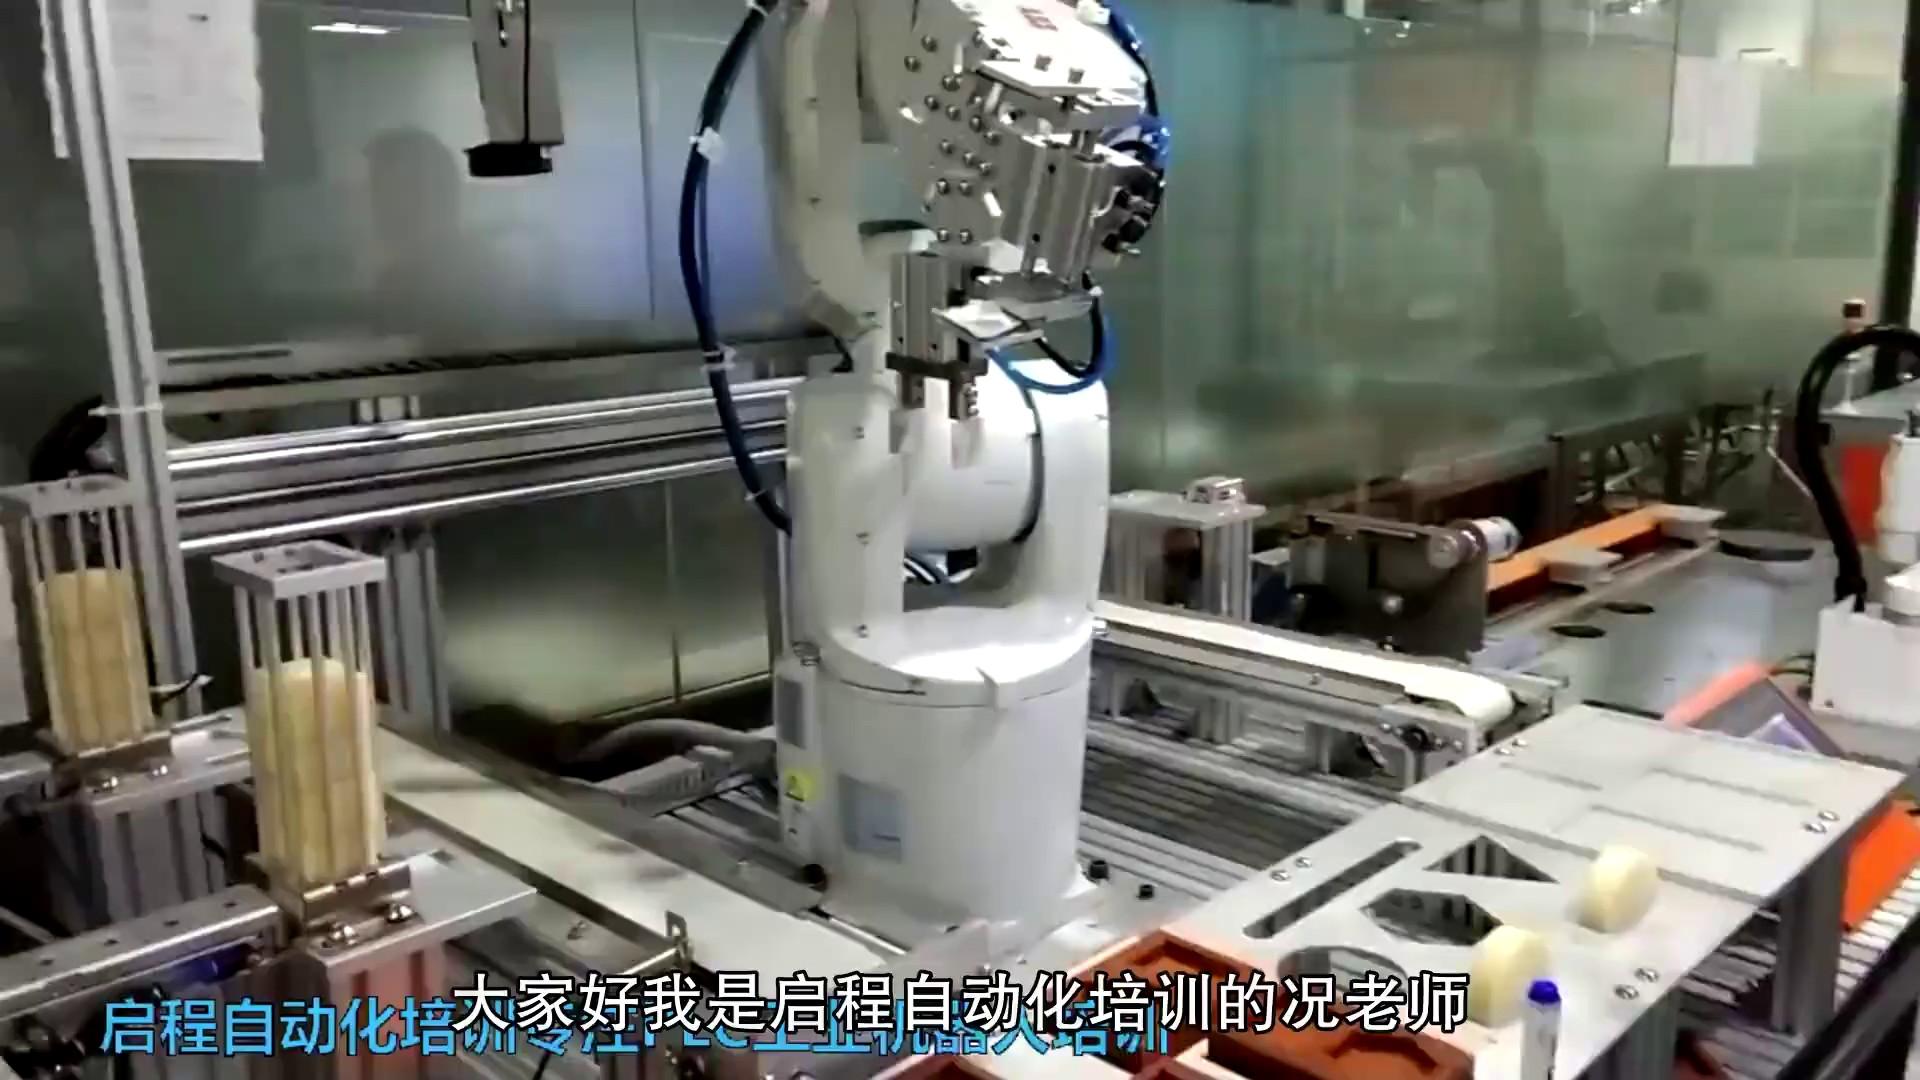 電工plc培訓,PLC培訓